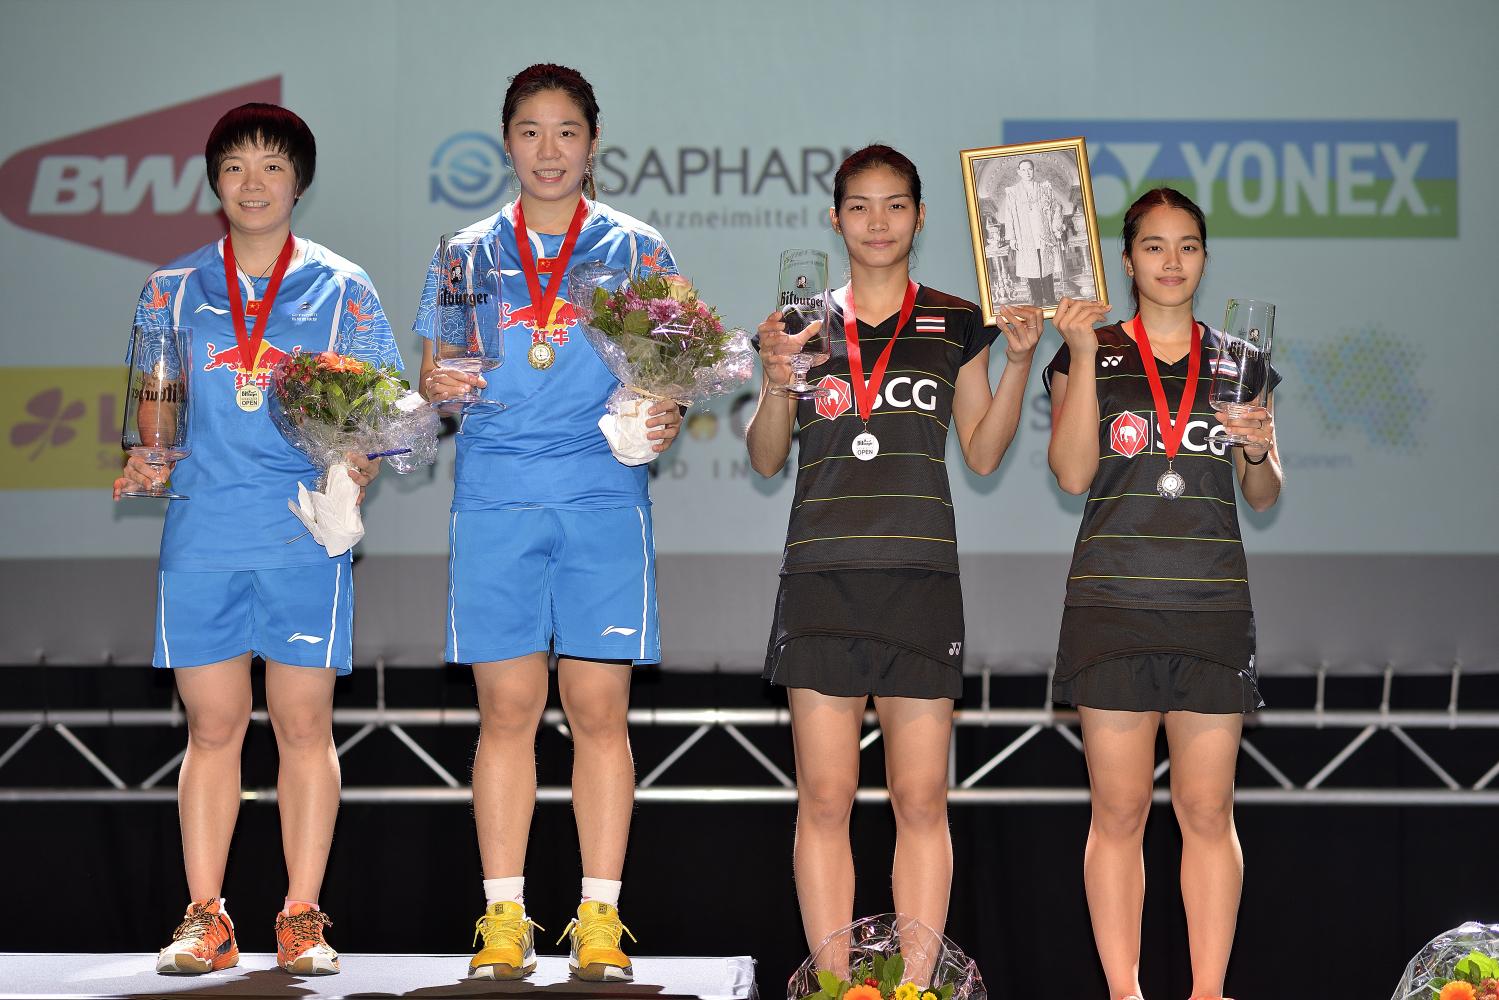 Der erste Sieg des Tages ging an Chen Qingchen und Jia Yifan